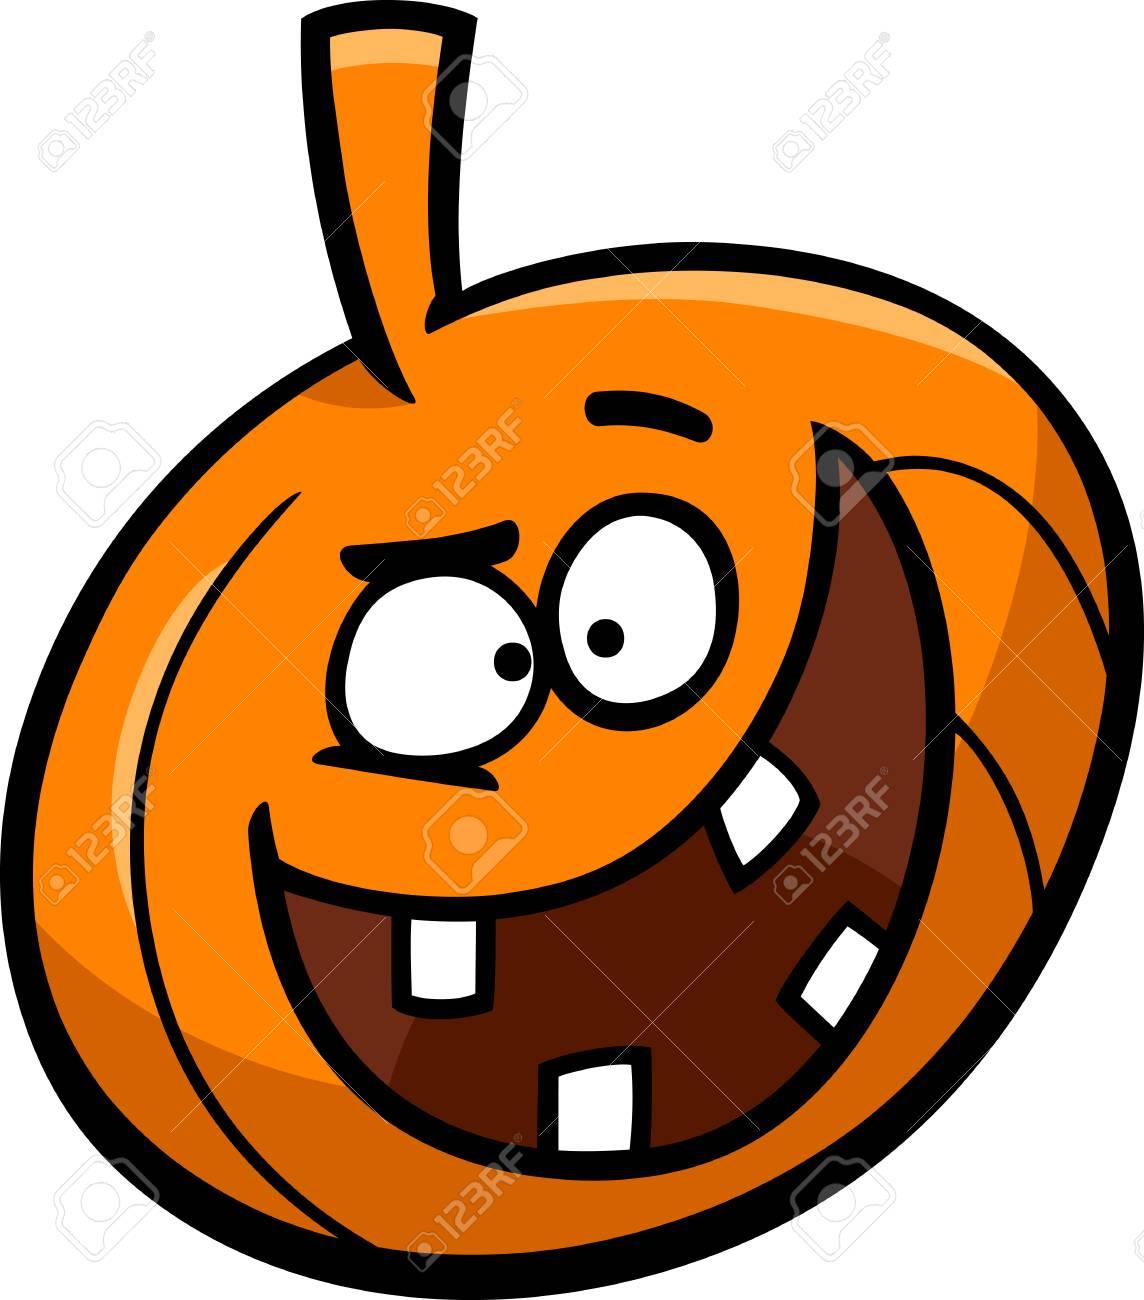 Halloween Pumpkin Images Clip Art.Cartoon Illustration Of Funny Halloween Pumpkin Clip Art